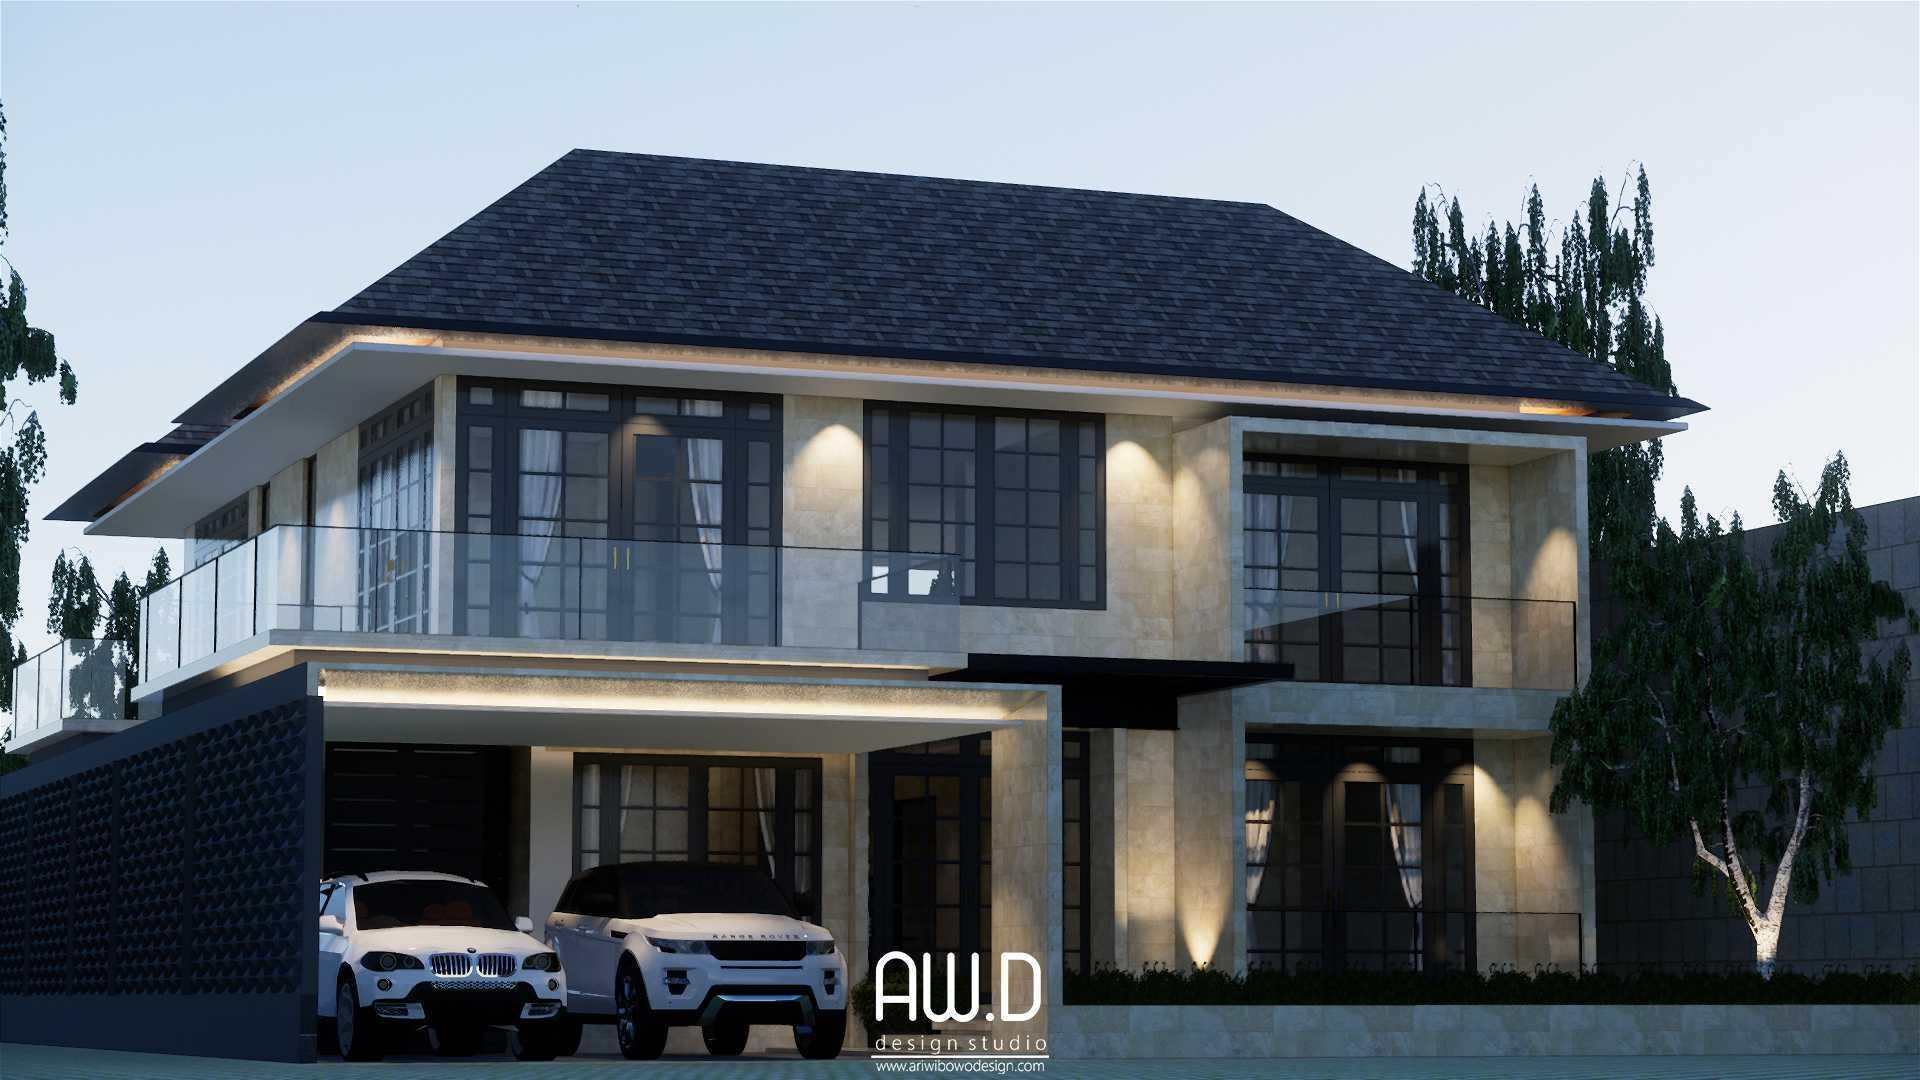 Ari Wibowo Design (Aw.d) K House Sulawesi, Indonesia Sulawesi, Indonesia Ari-Wibowo-Design-Awd-K-House  96807